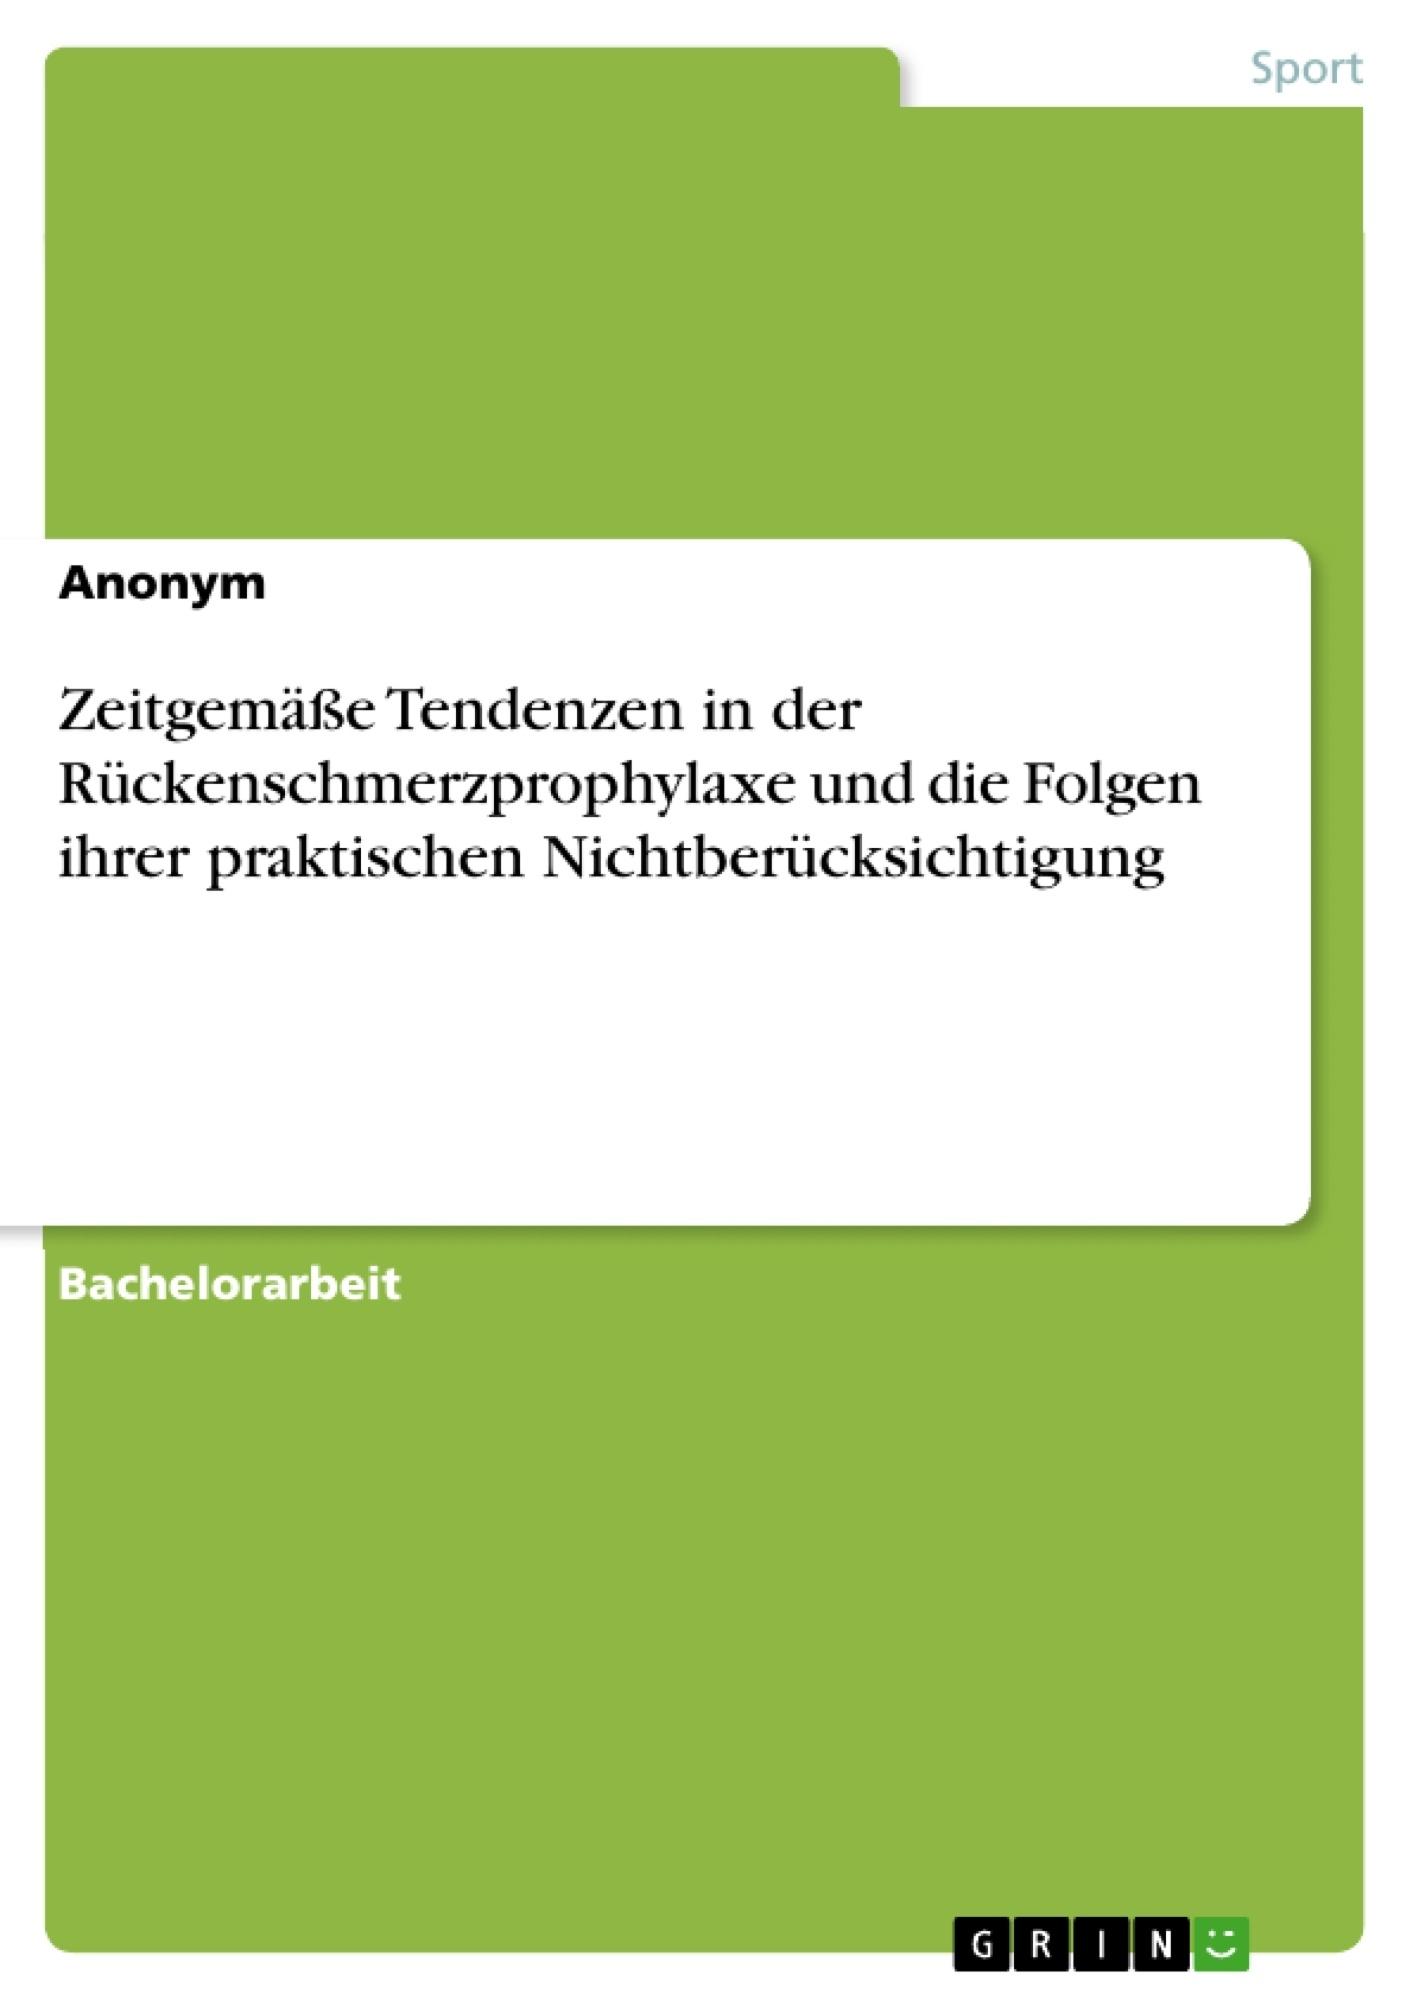 Titel: Zeitgemäße Tendenzen in der Rückenschmerzprophylaxe und die Folgen ihrer praktischen Nichtberücksichtigung